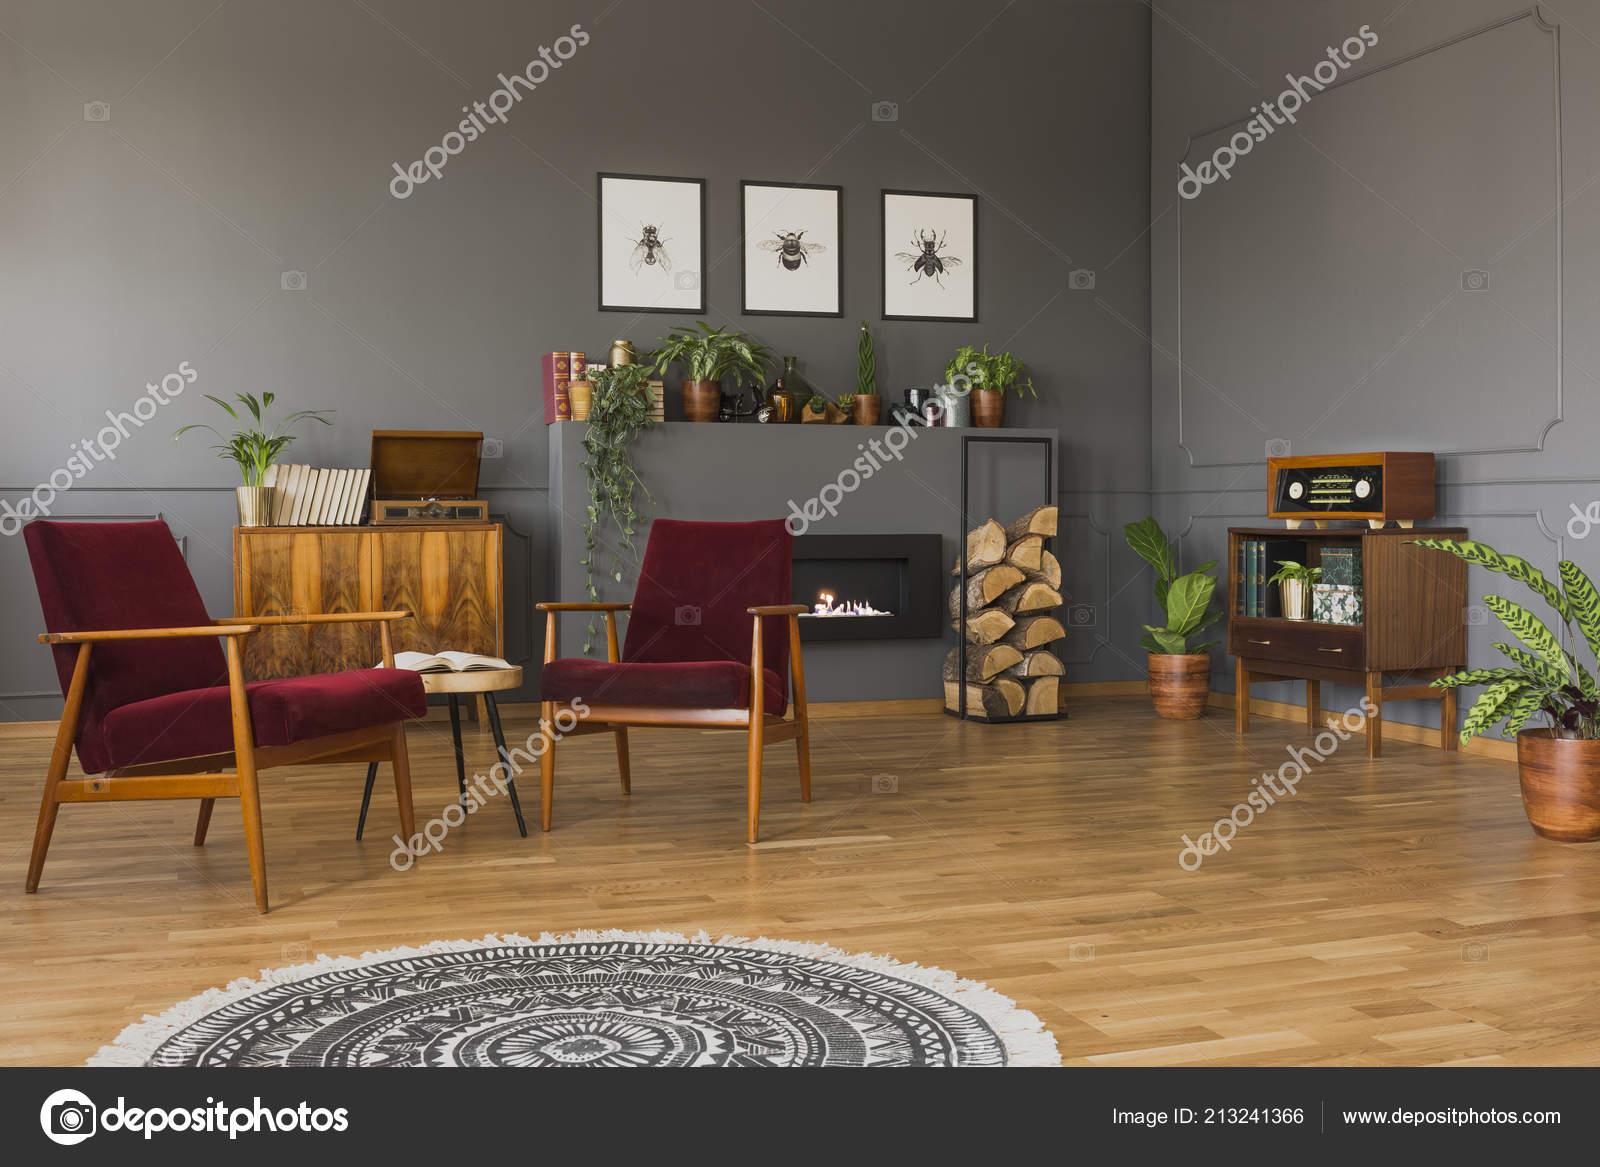 Runder Teppich Vor Roten Sesseln Grau Retro Wohnzimmer